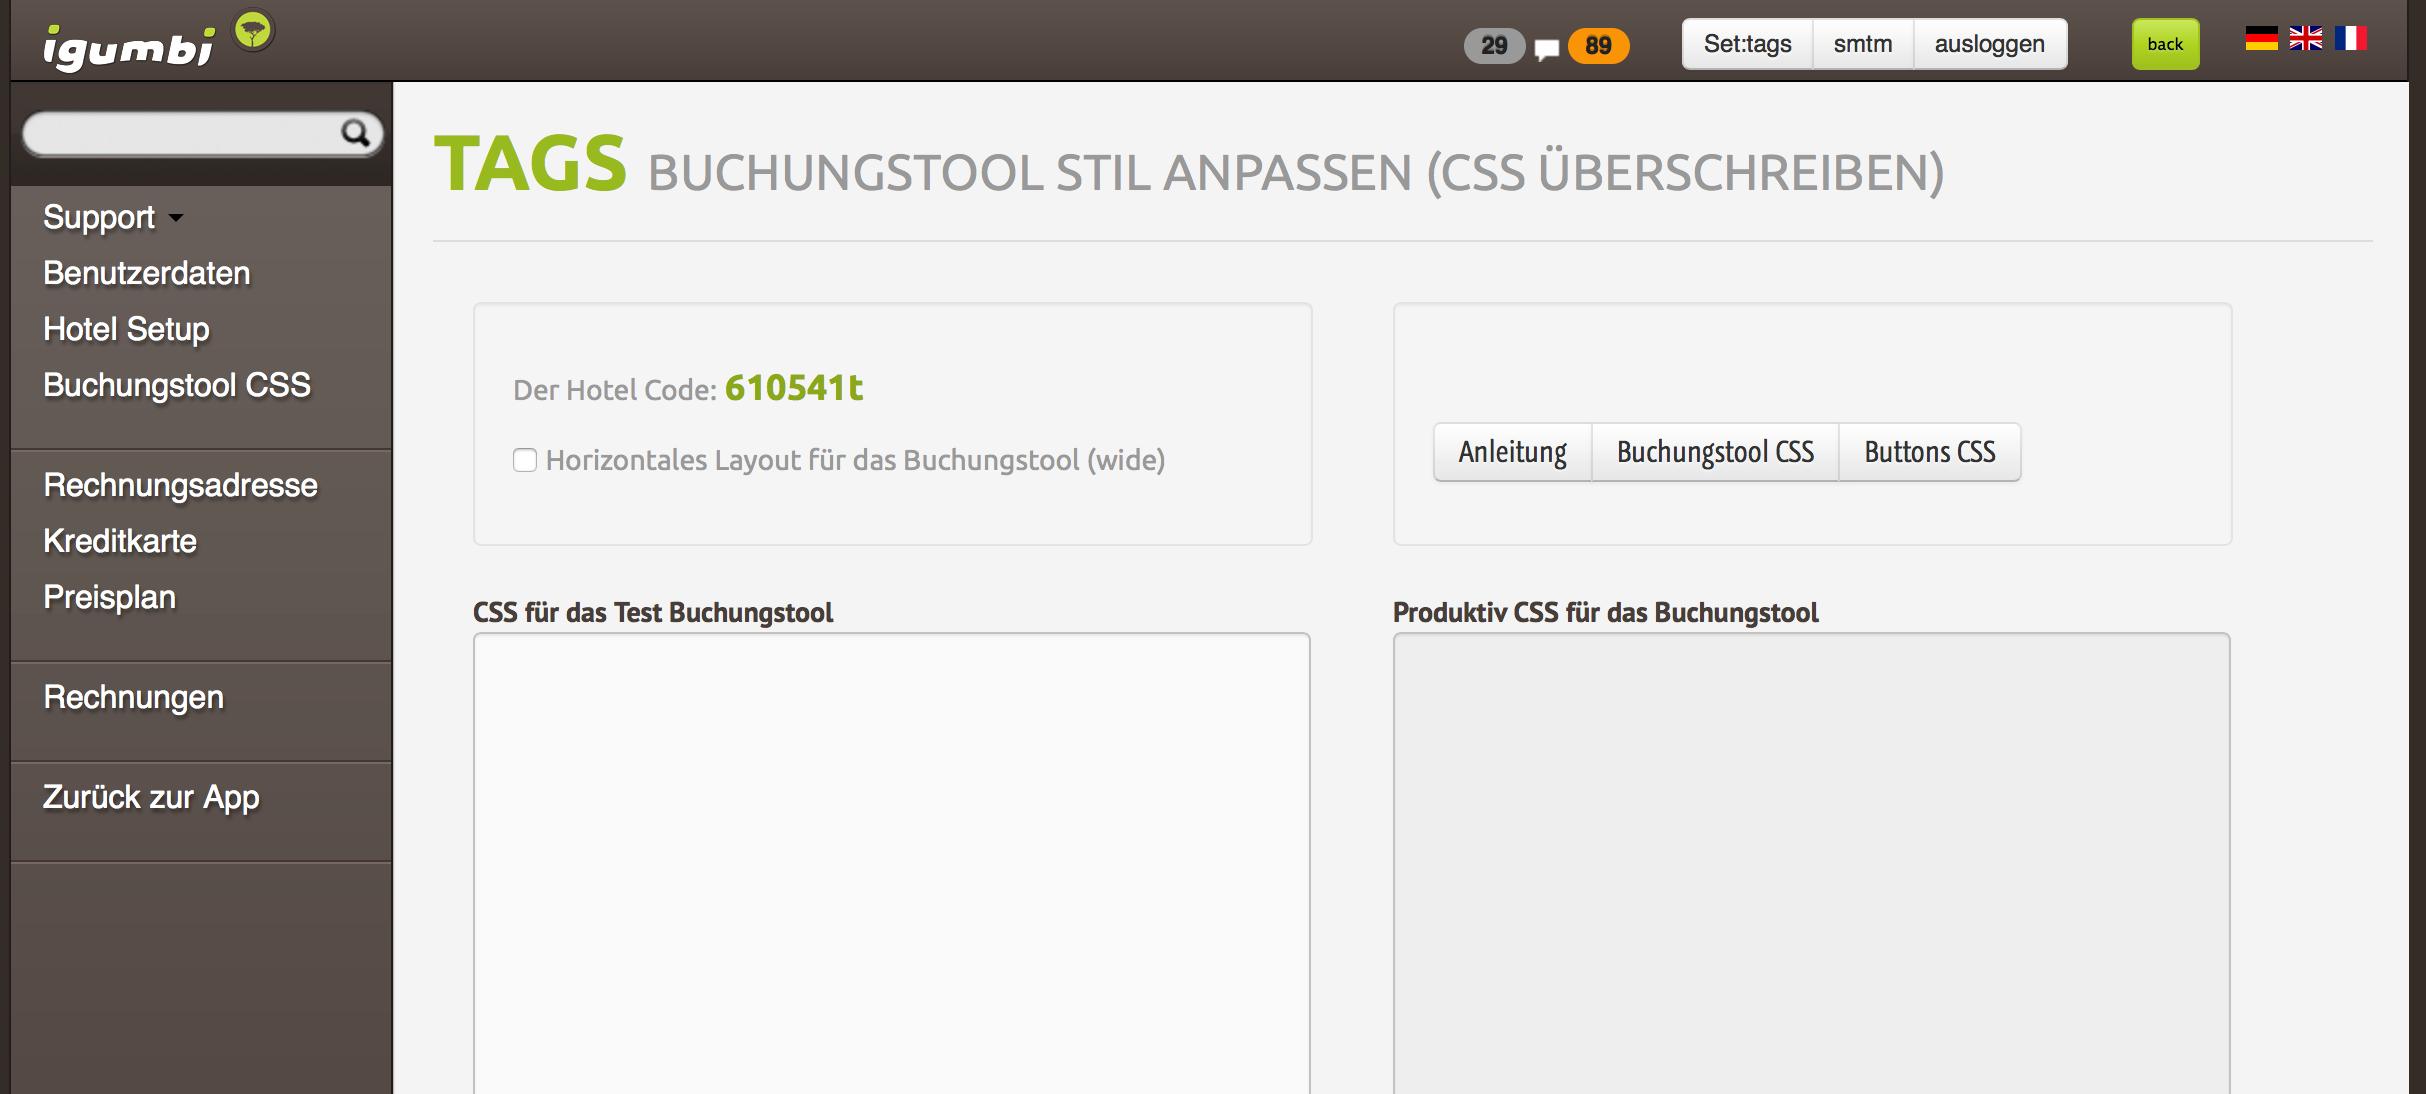 Im igumbi Backend kann das CSS (Stile, Größe, Farben) angepasst werden damit das Buchungstool gut mit dem Joomla! Template der Website zusammen passt.